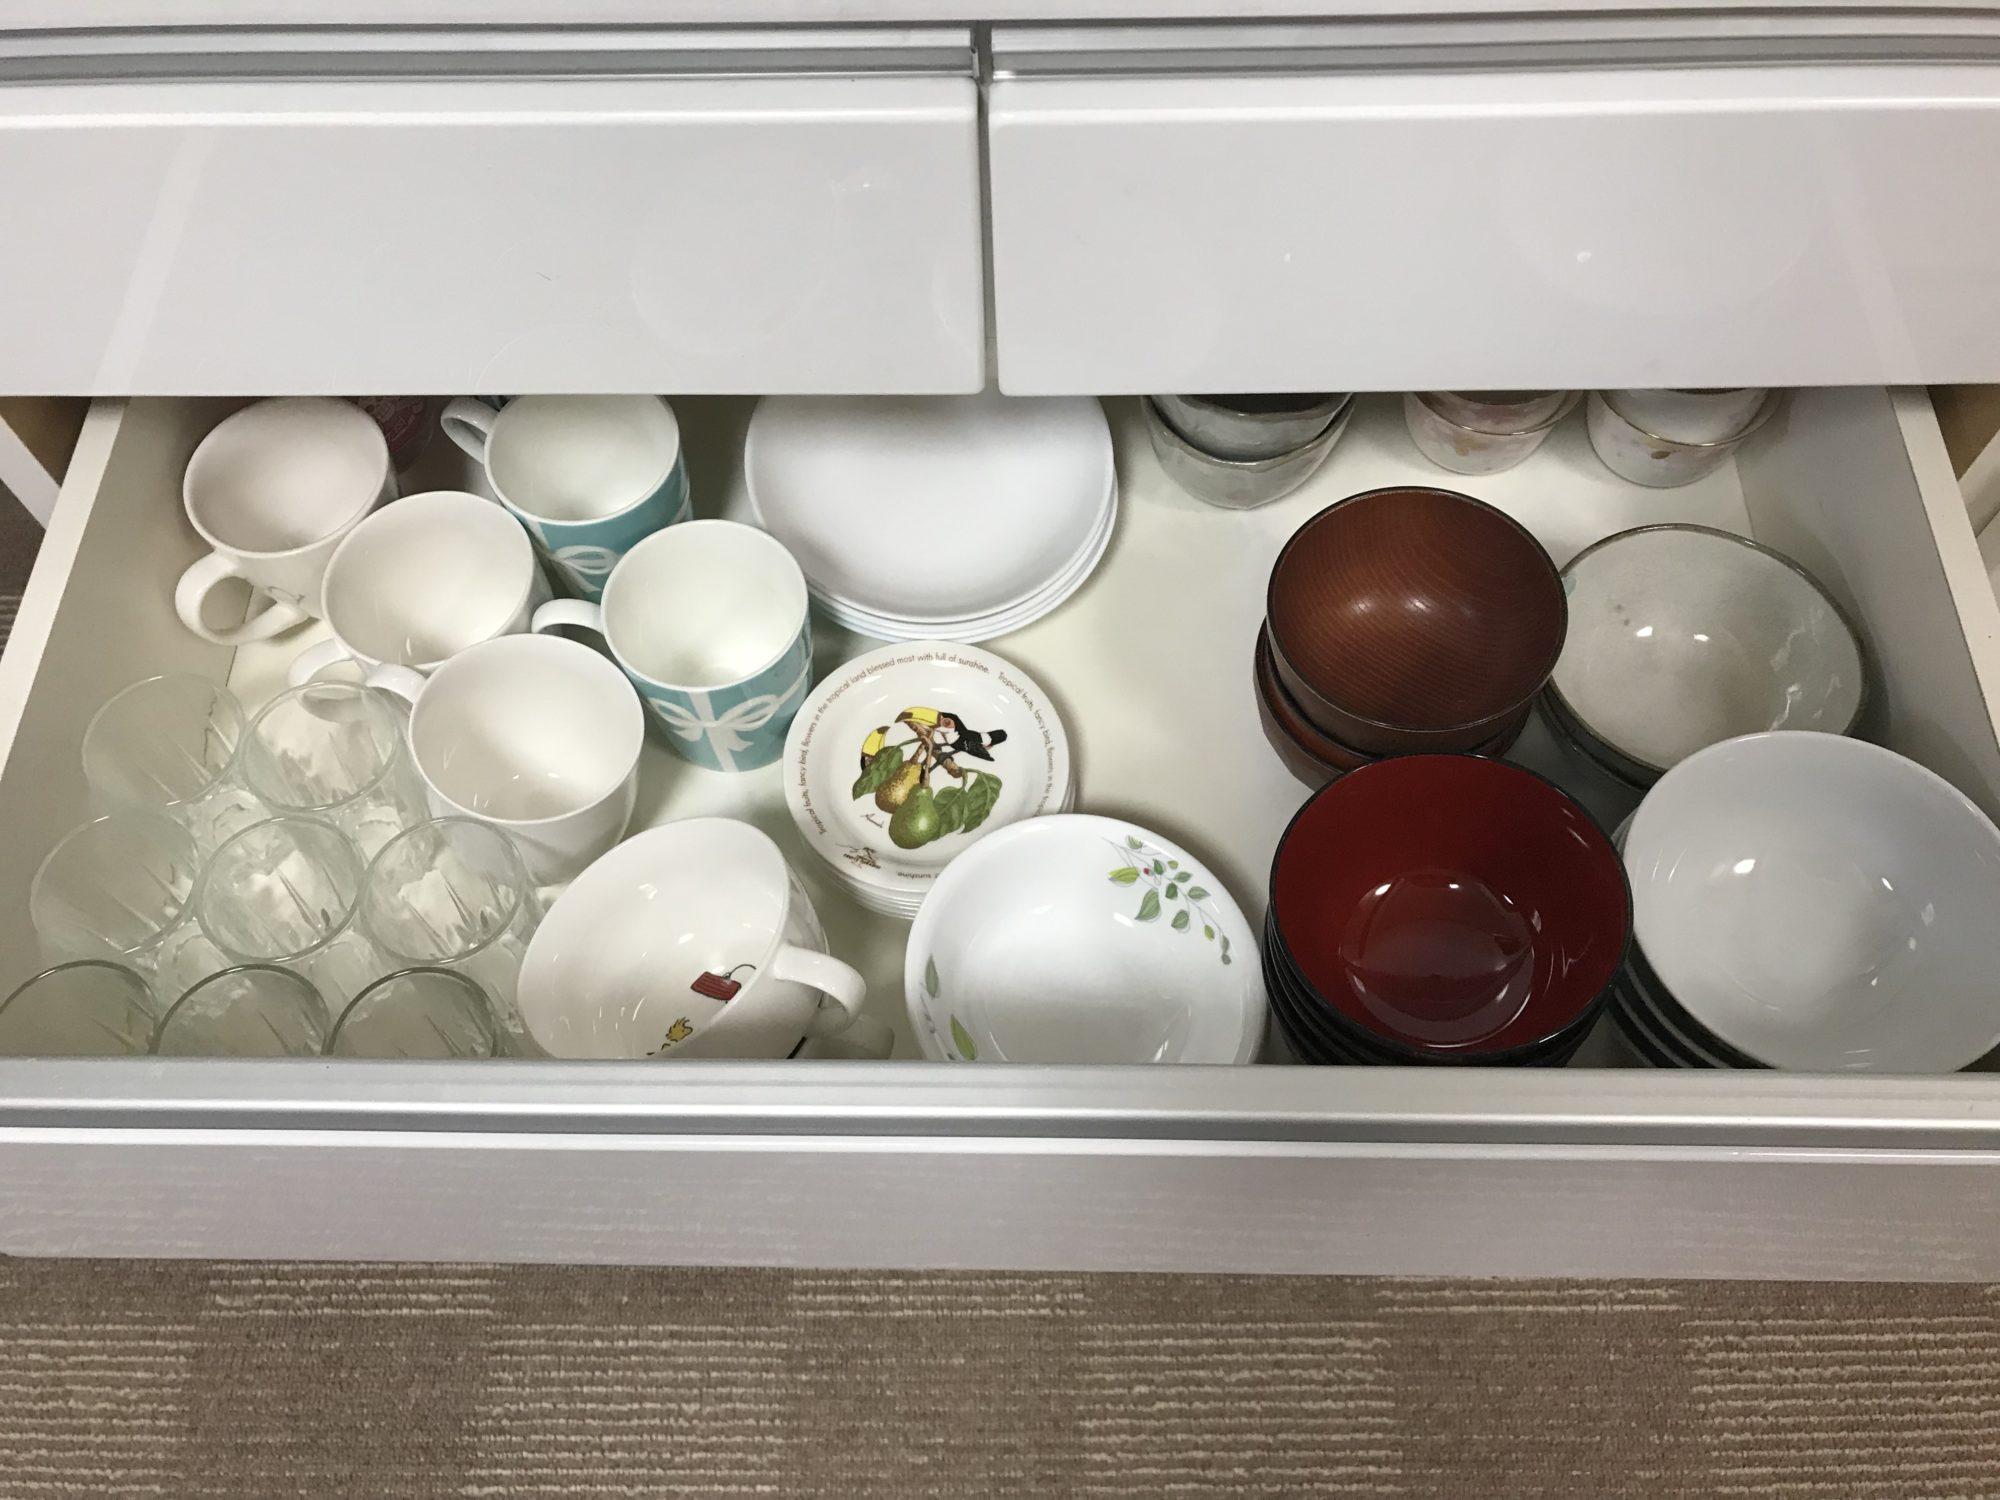 家族4人分の食器をご紹介します。使う食器しかありません。食器が少ないことのメリットは?